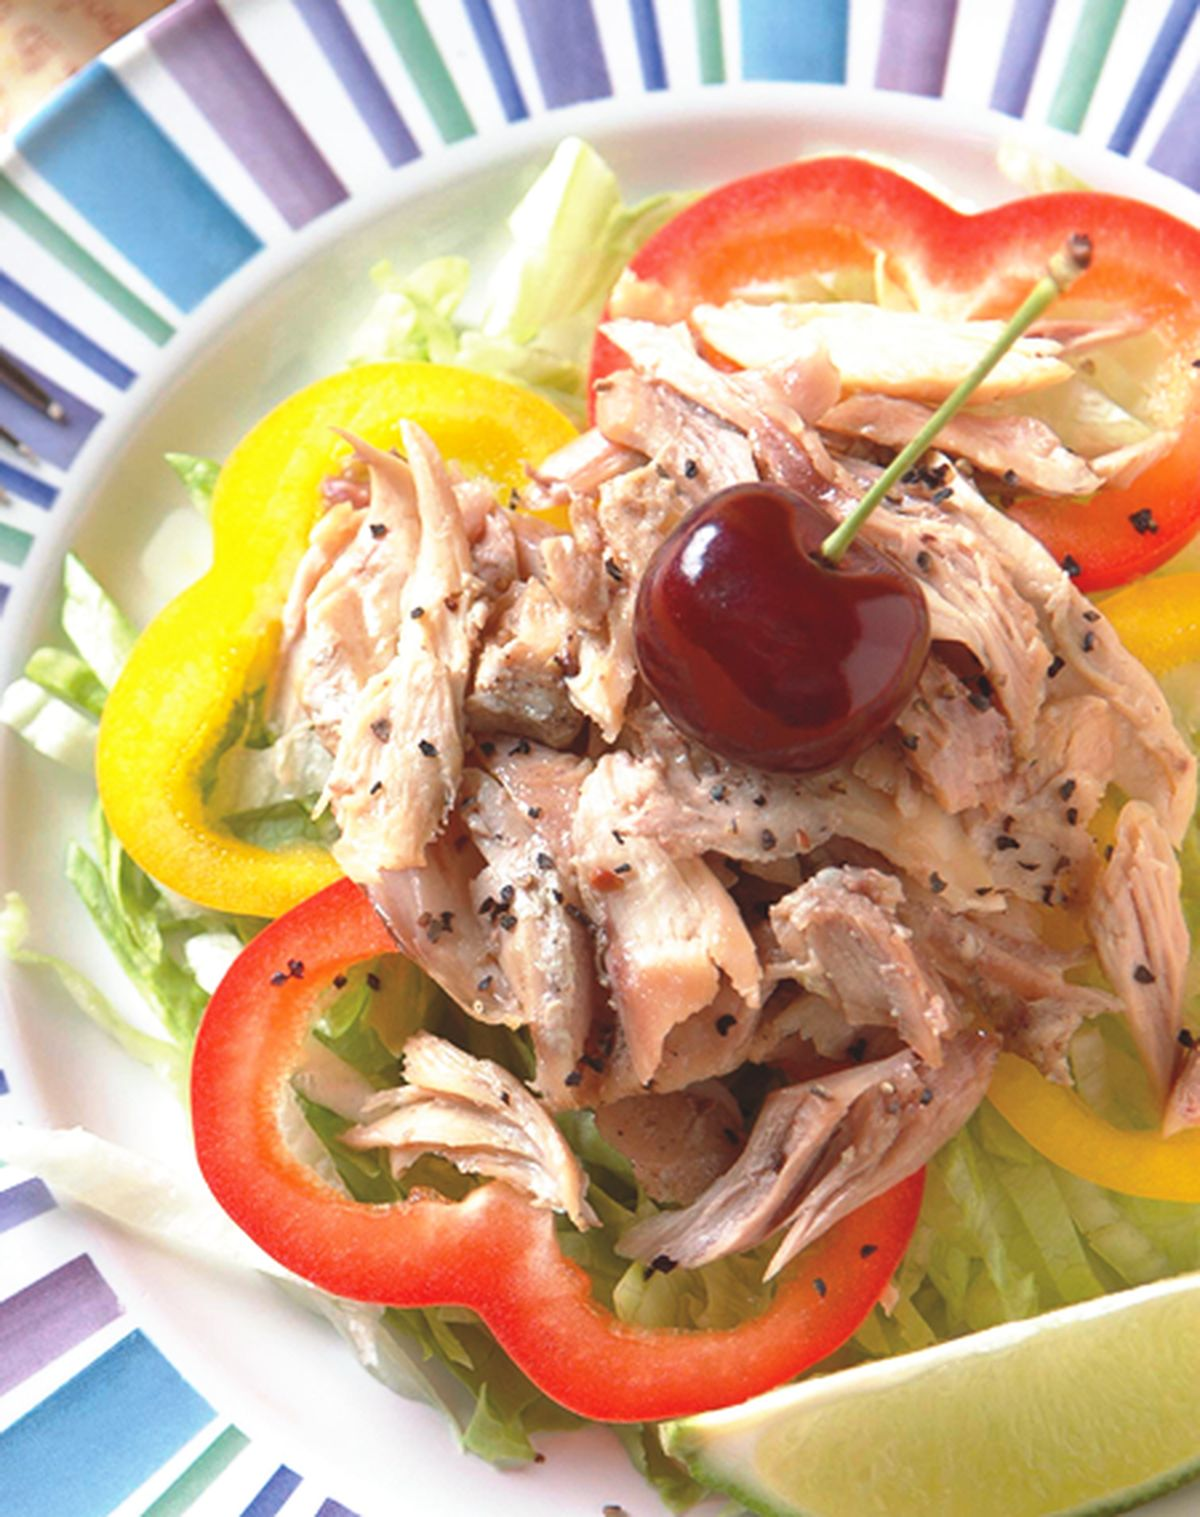 食譜:嫩汁雞肉沙拉